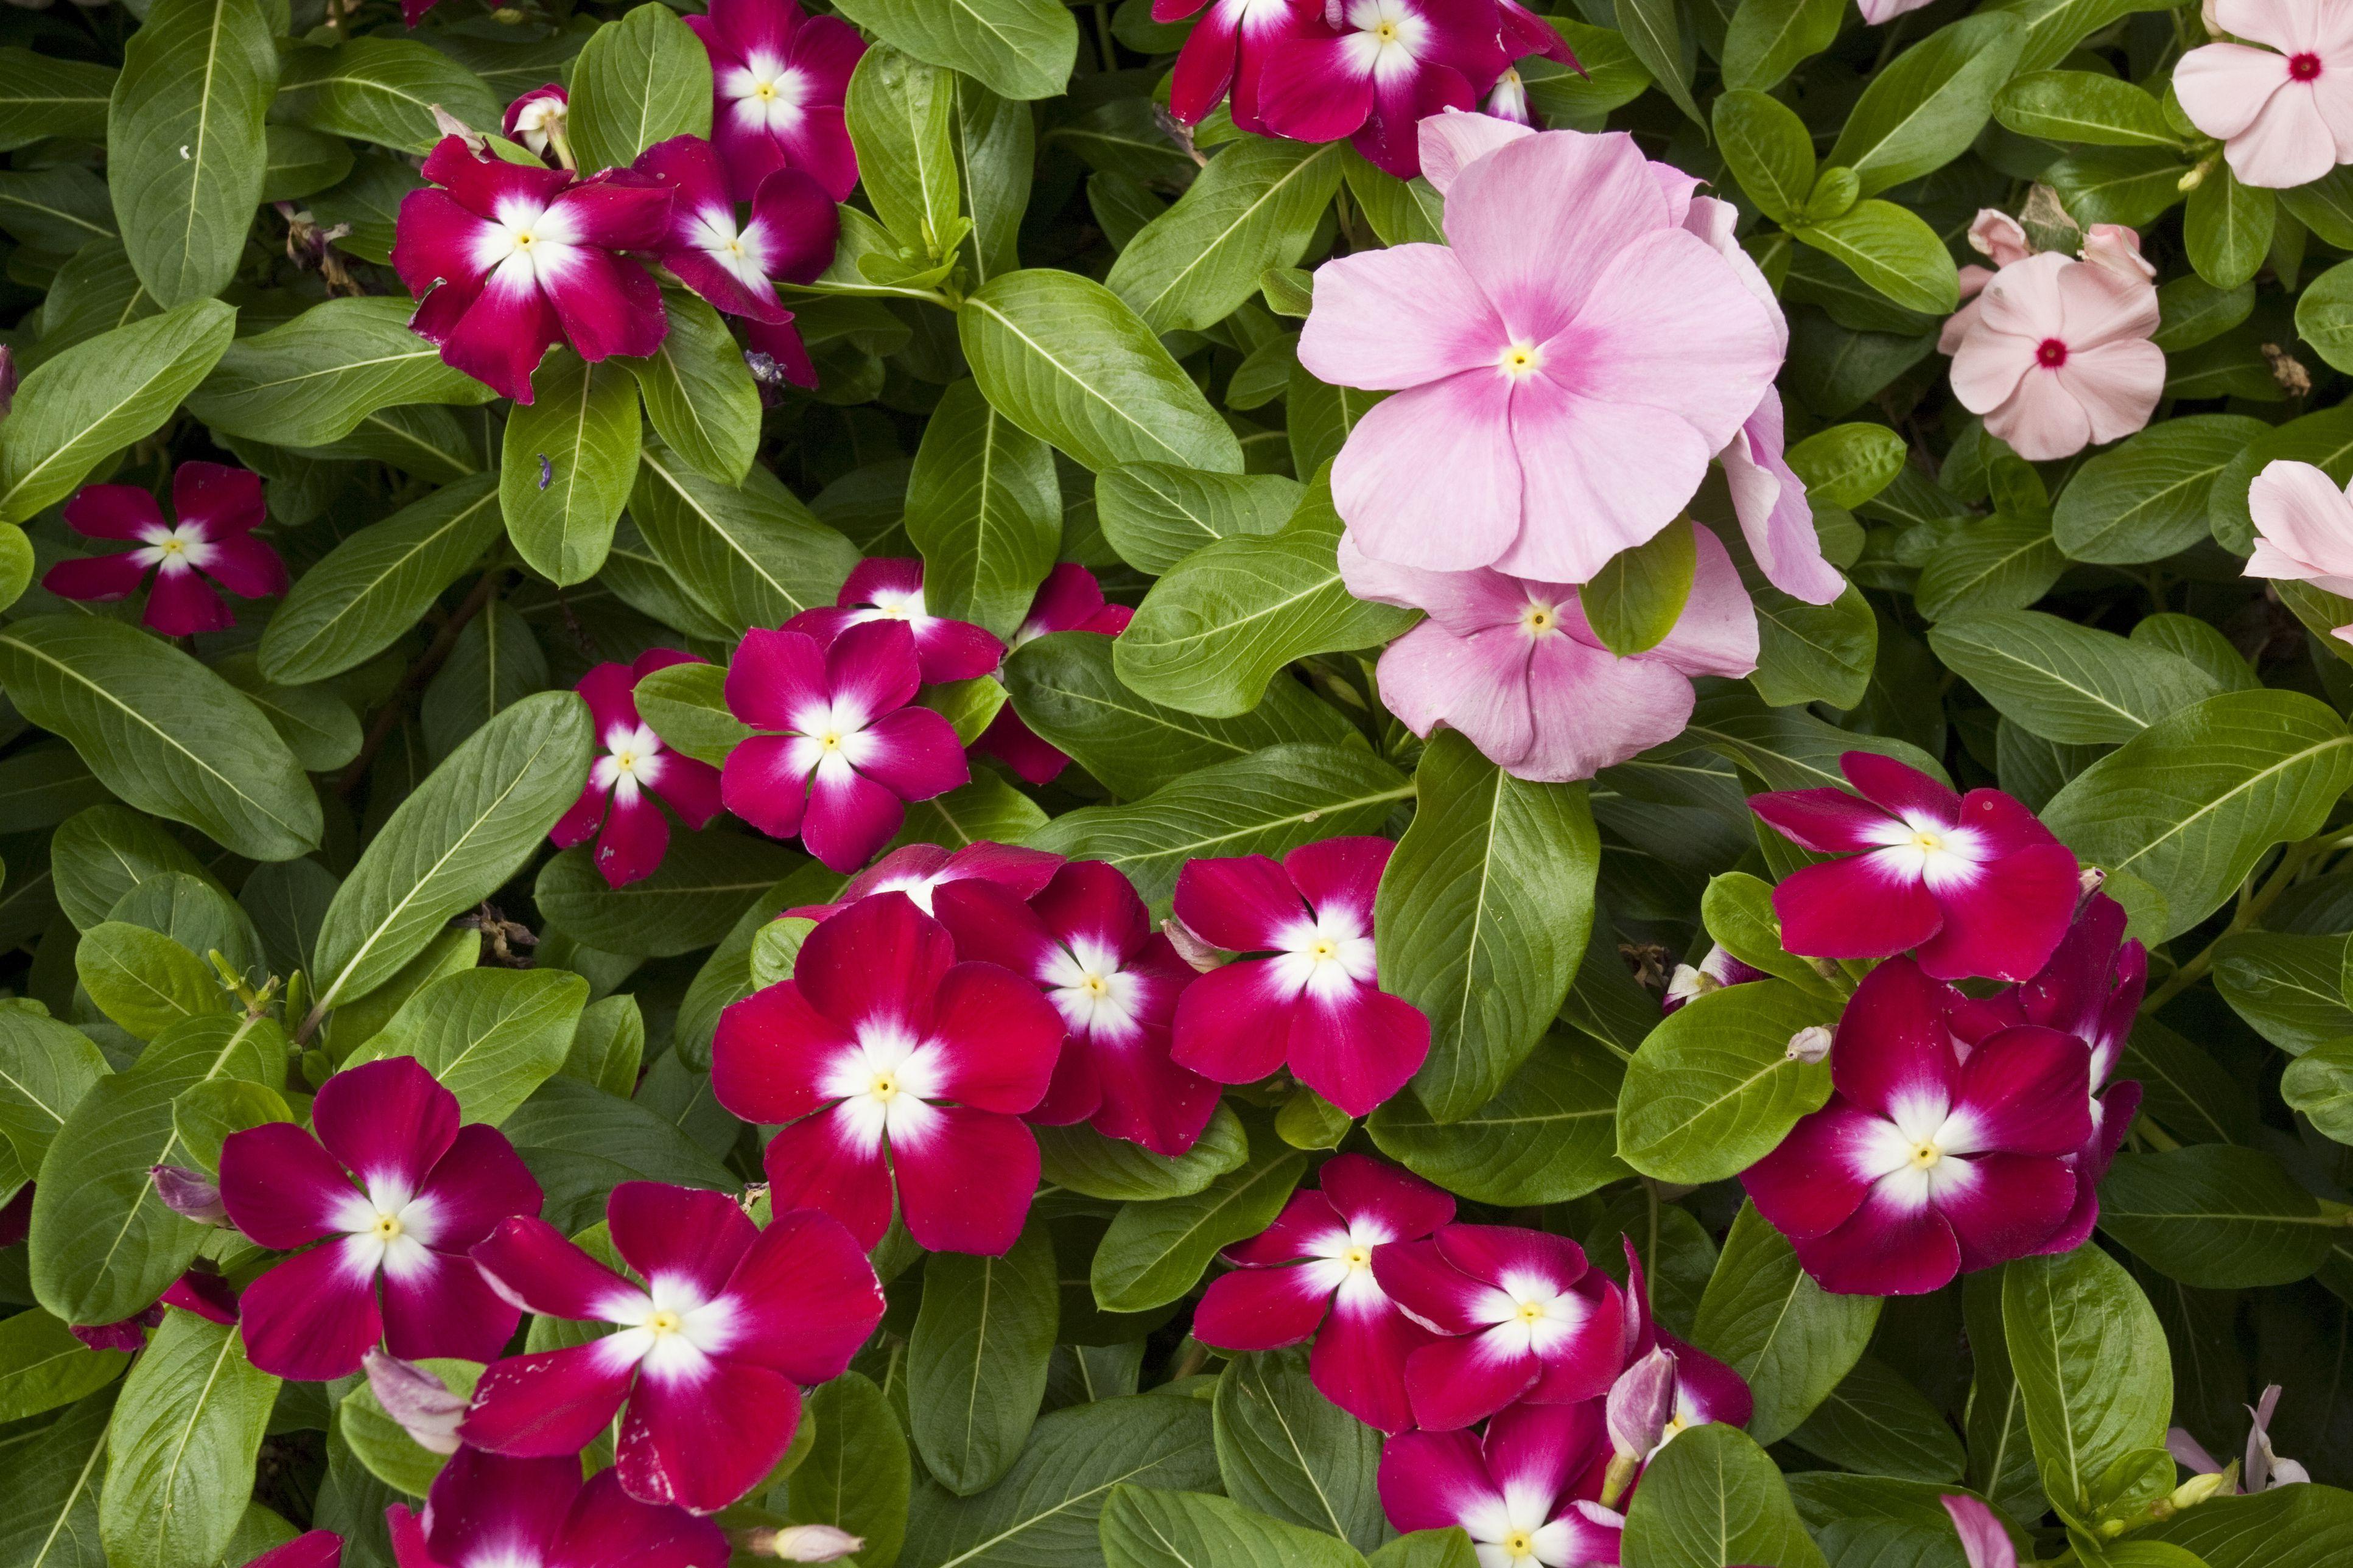 Dozens of pink impatiens blooming.